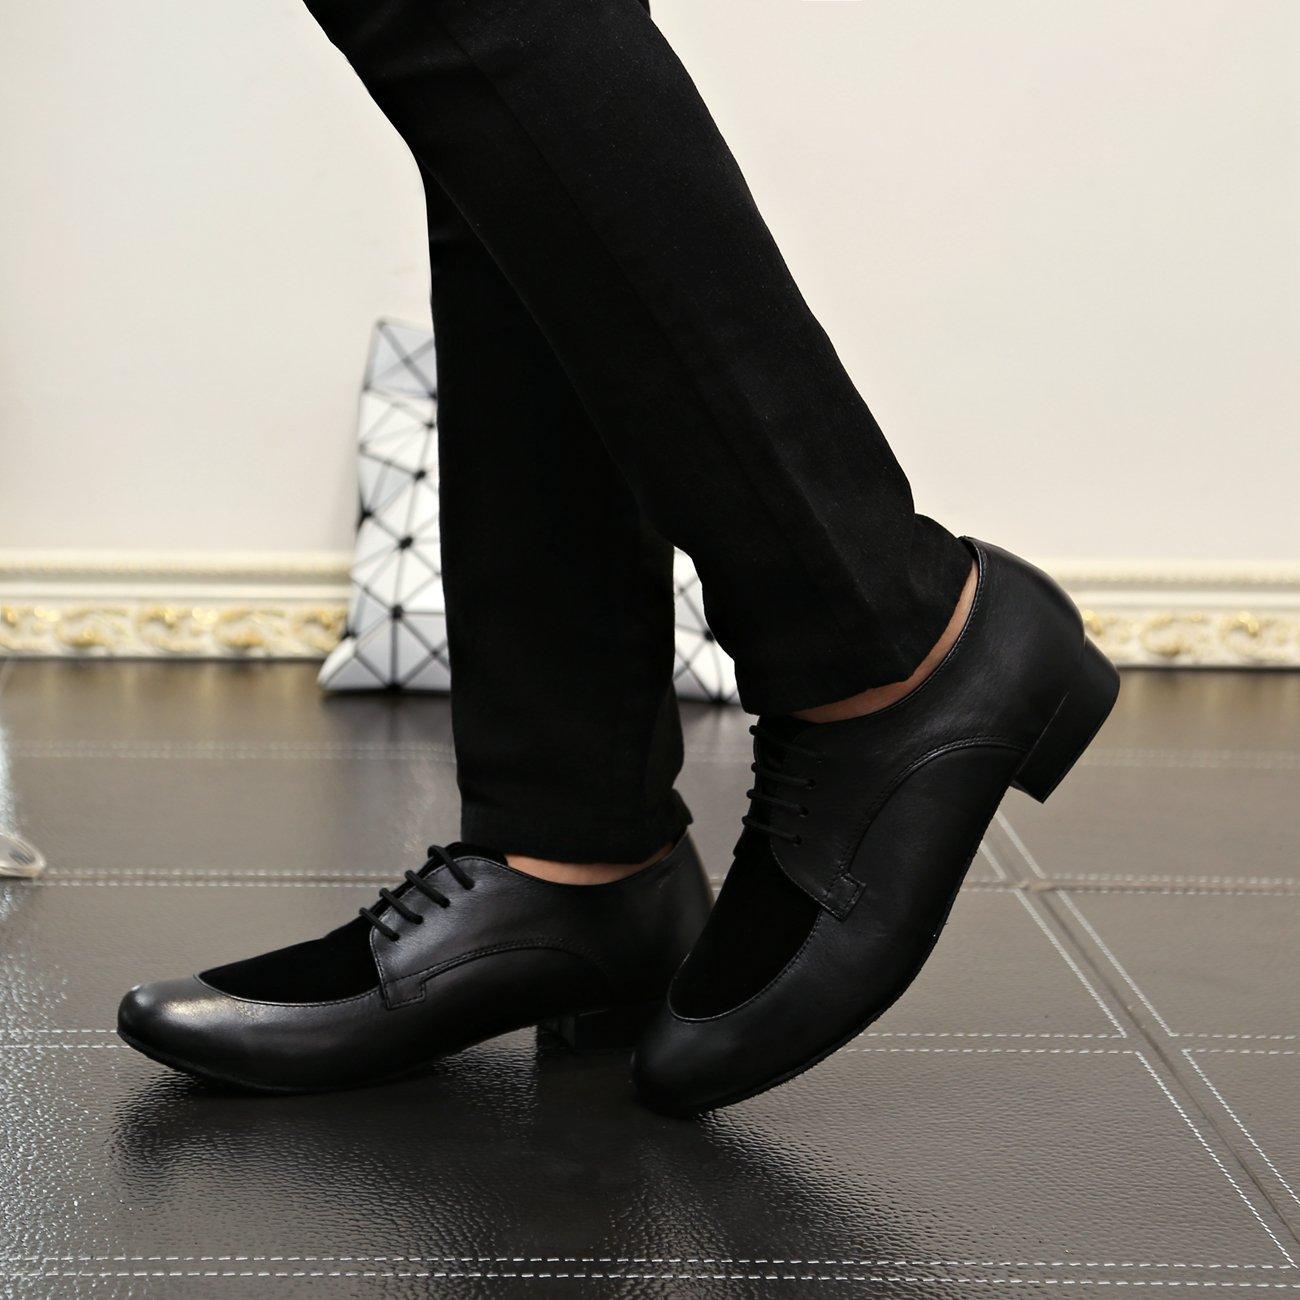 Tango Jazz 2 Zapatos Beige Cm 50 Cuero Tacón Salón Mqforu Latinos Con Para Color Cordones De Baile Redonda Suela Hombre Suave Y Punta xgUwfqx